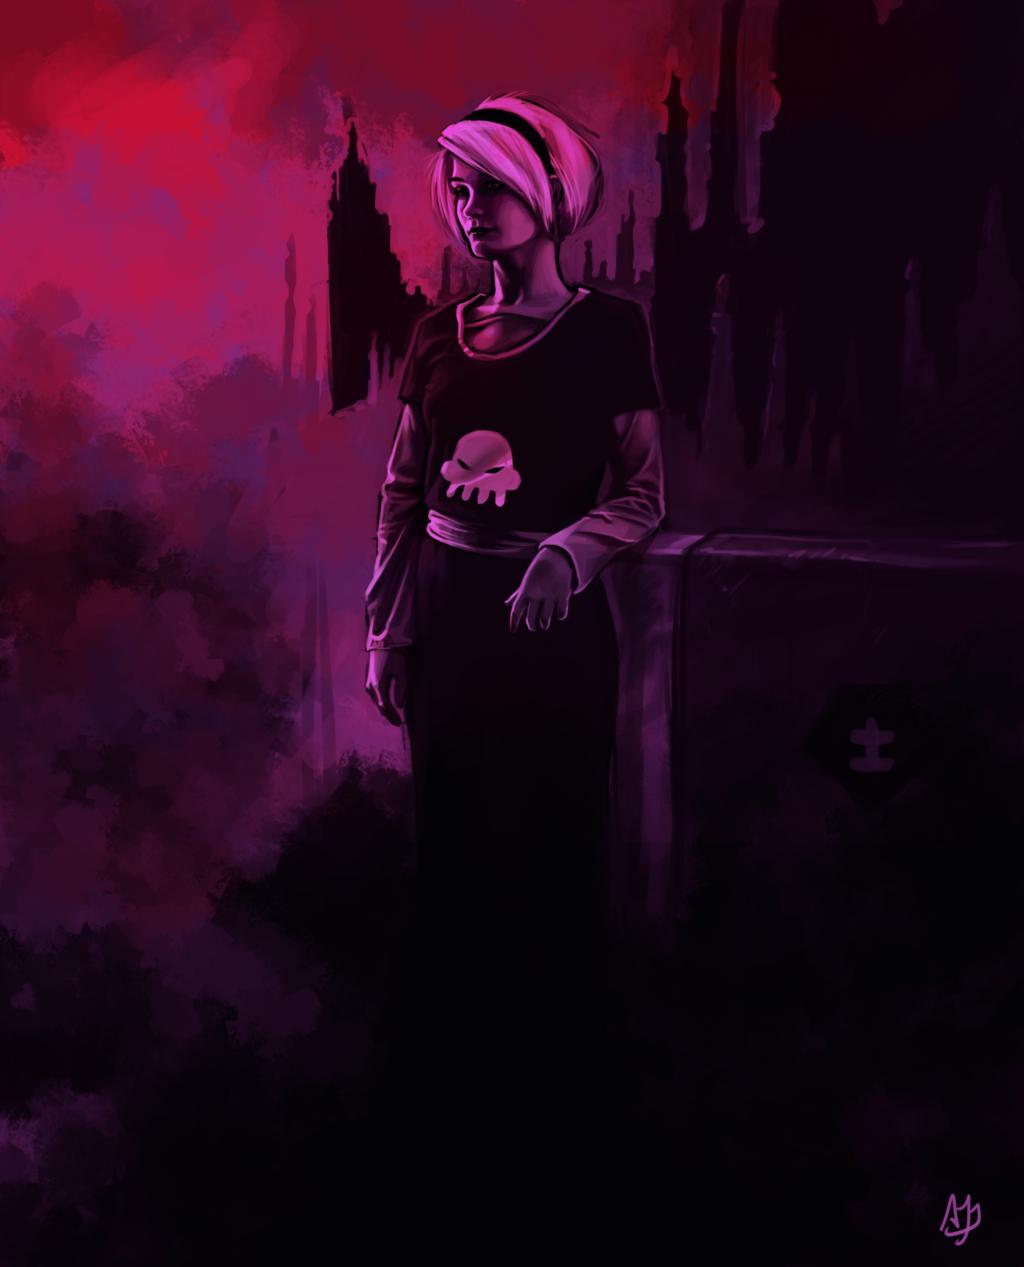 Princess of Derse